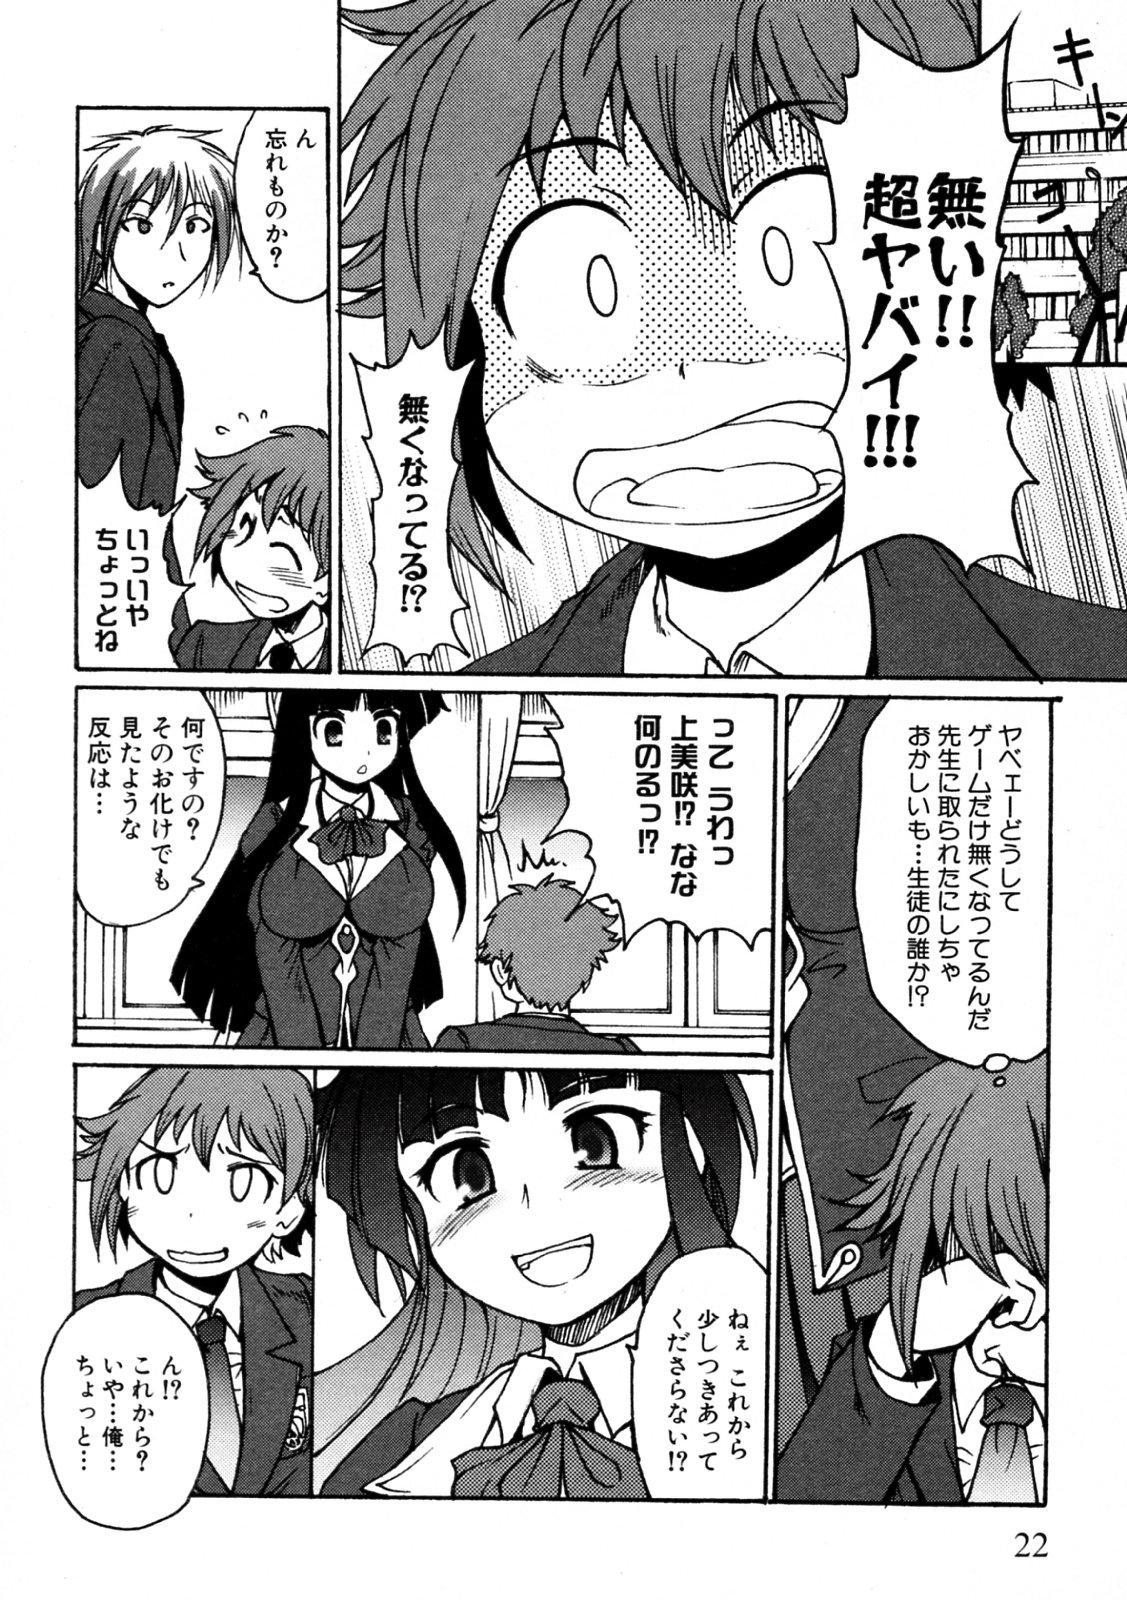 Kamisaki Karen ni Meirei nasai! Ch.01-02 11